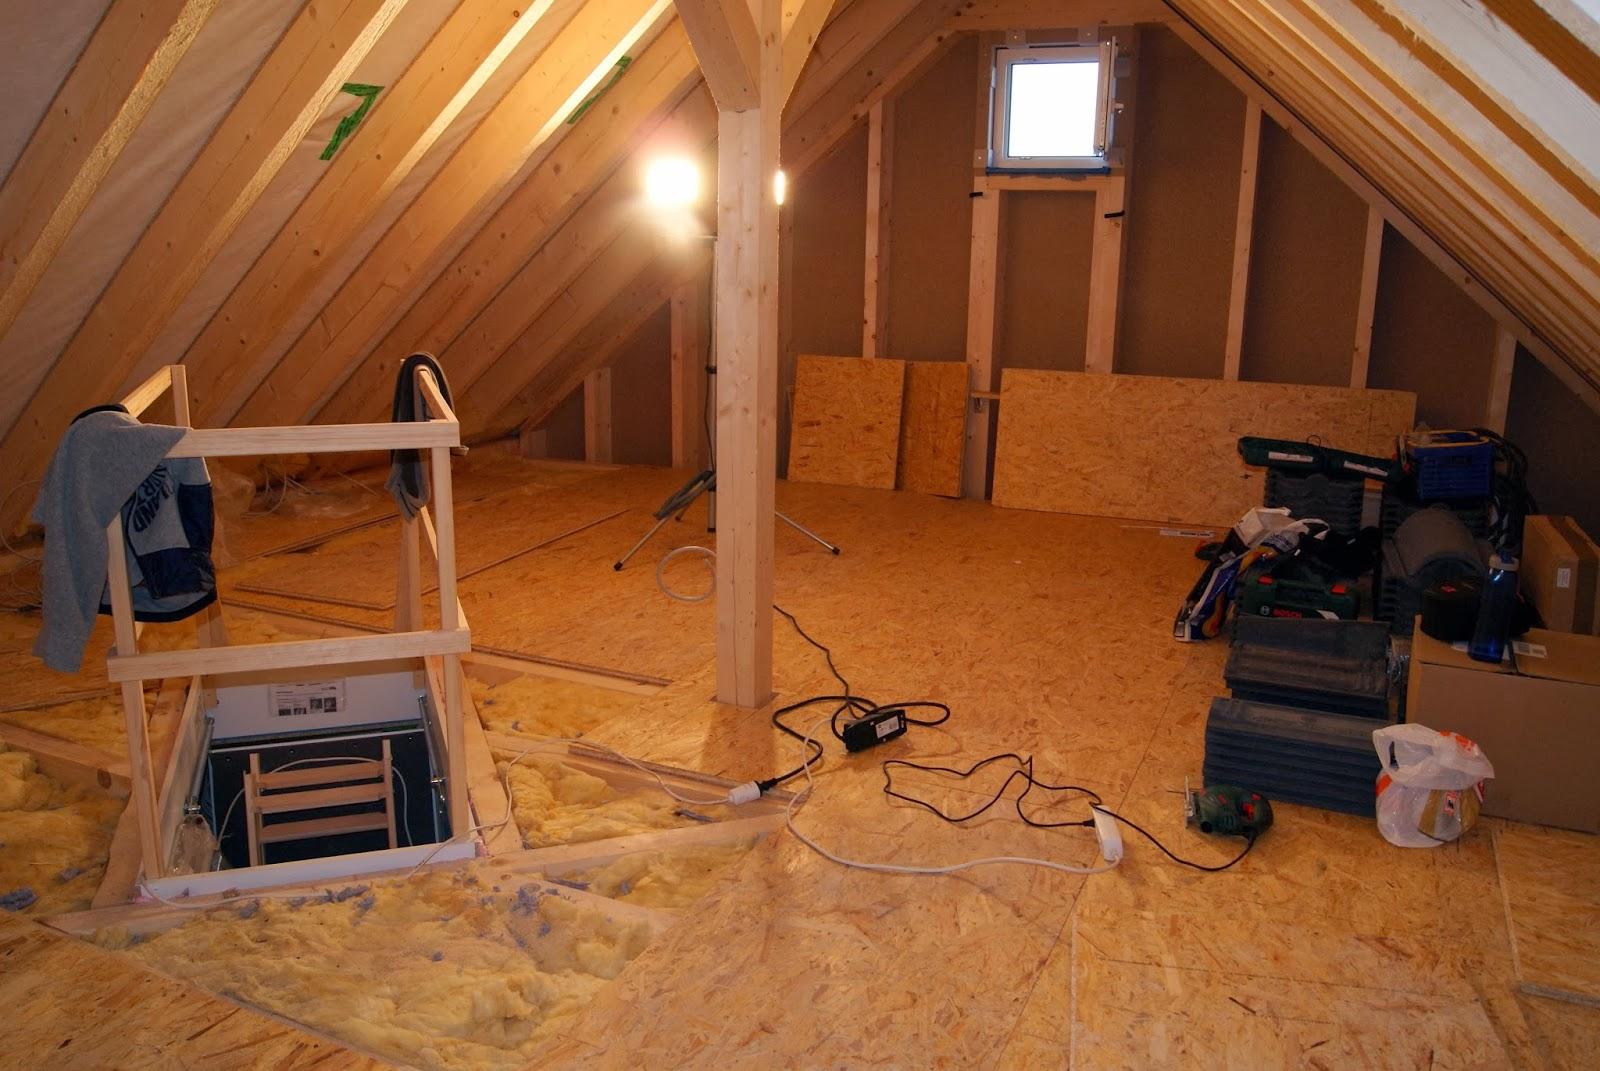 Dachboden Fußboden Dämmen ~ Dachboden ausbauen boden dämmen dachboden fußboden fu boden auf